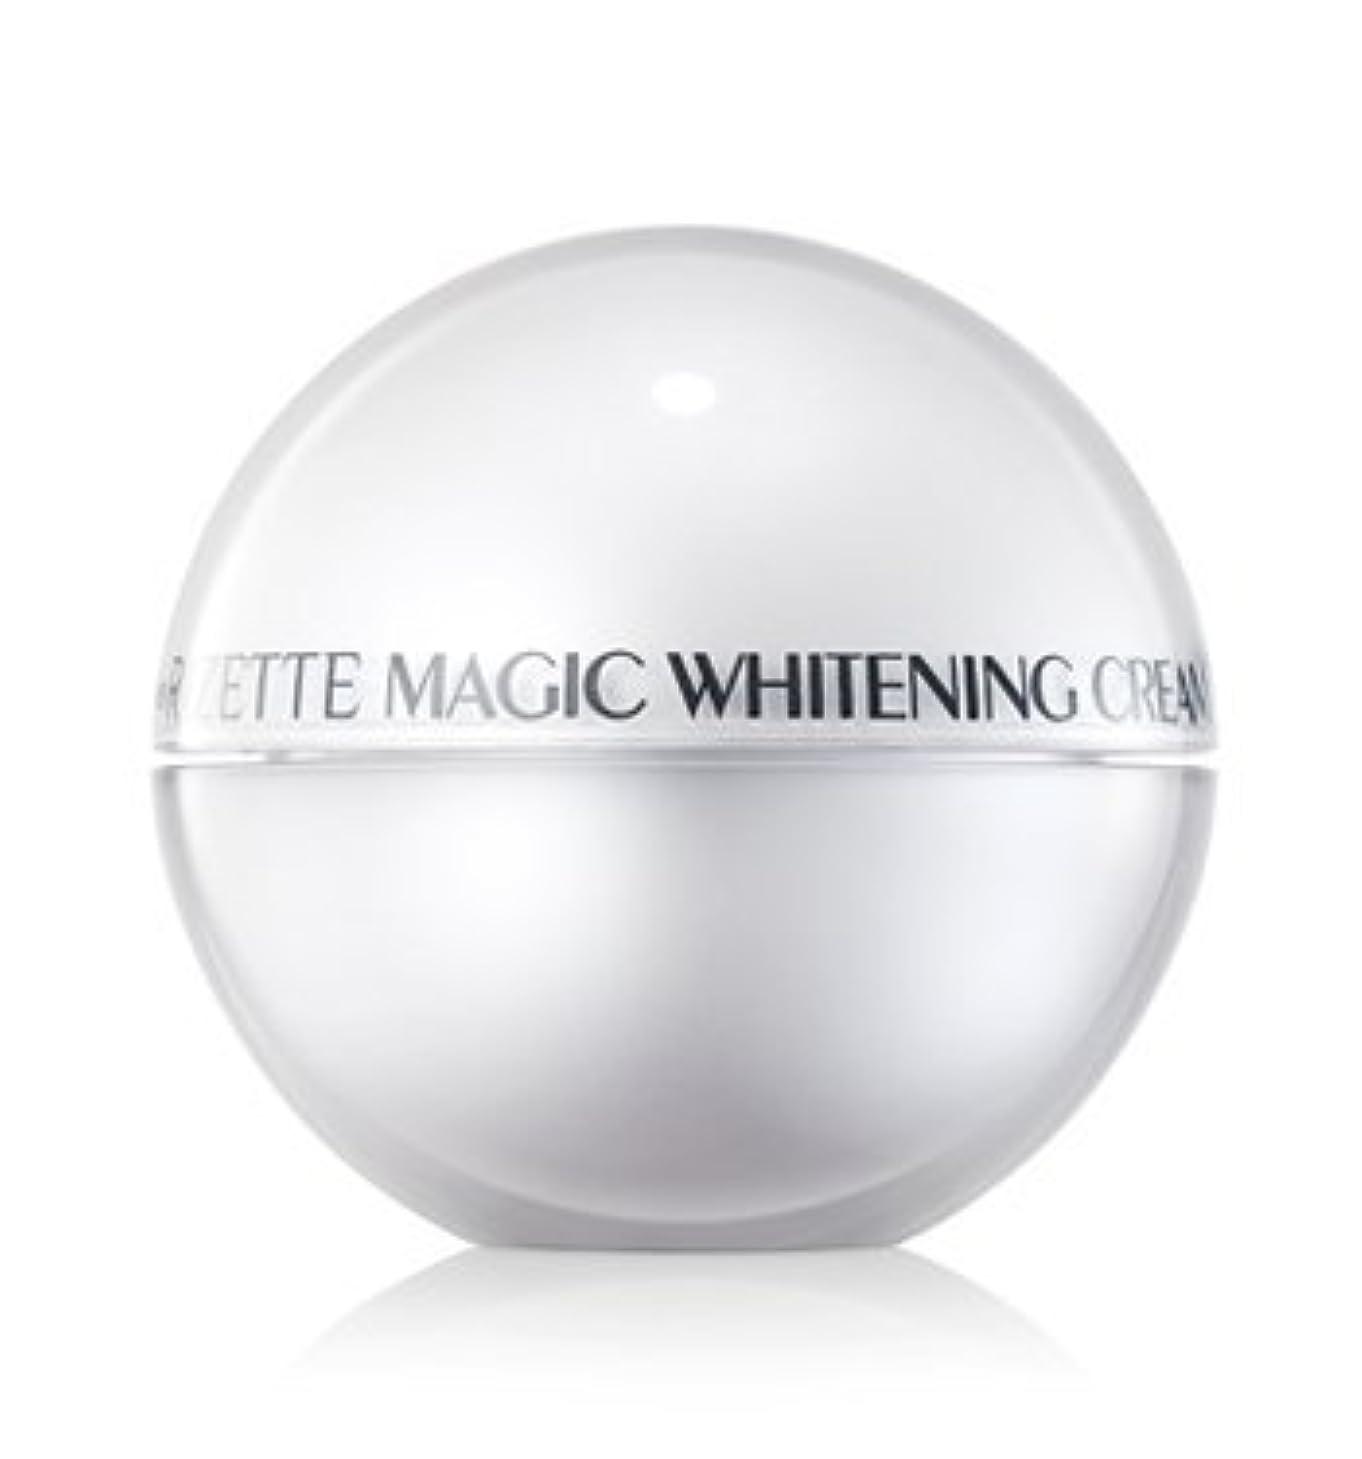 レプリカ傾いた保育園リオエリ(Lioele) Rizette マジック ホワイトニング クリーム プラス/ Lioele Rizette Magic Whitening Cream Plus[並行輸入品]